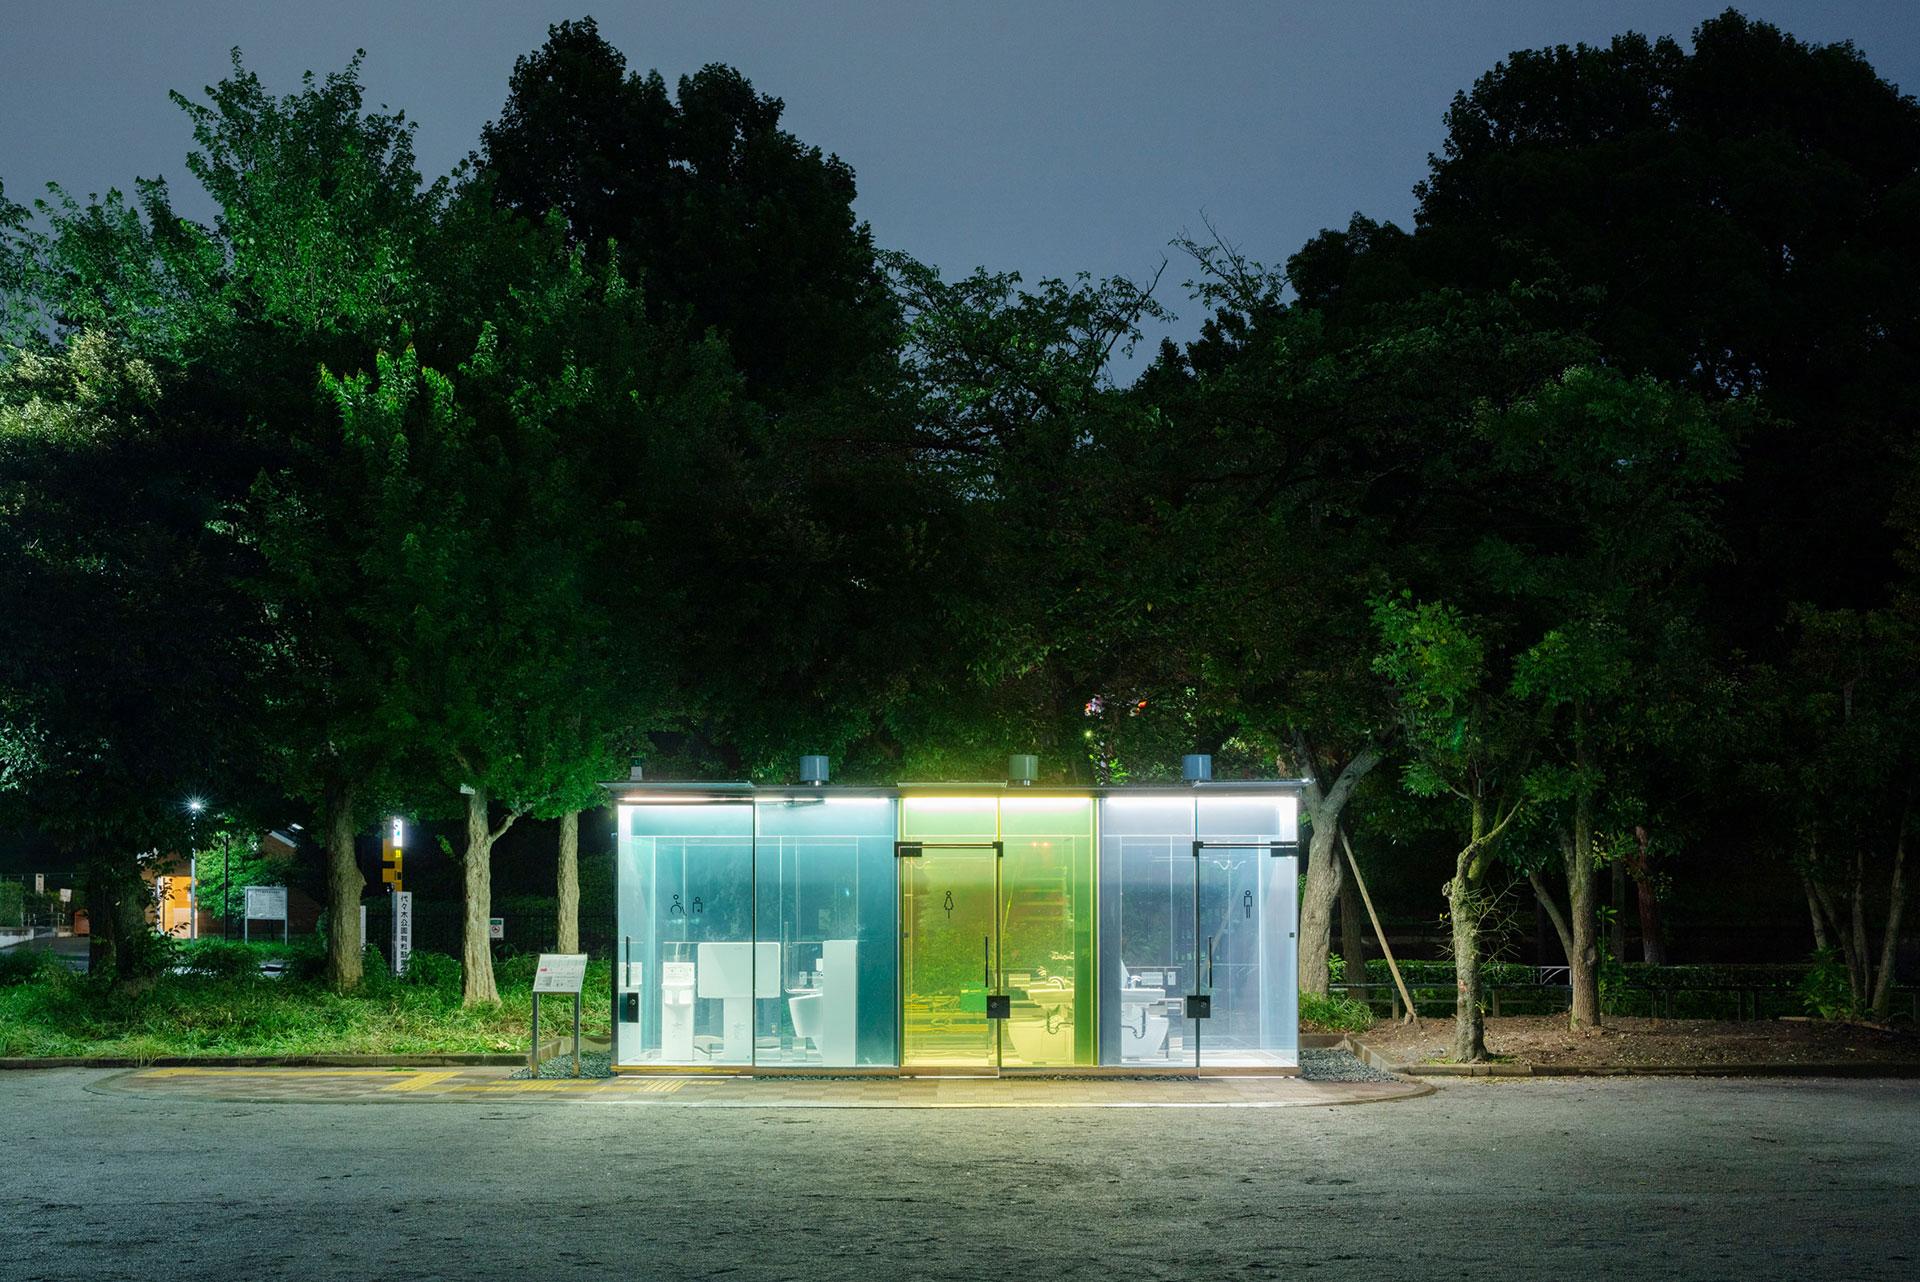 Шигеру Бан построил в Токио прозрачные туалеты